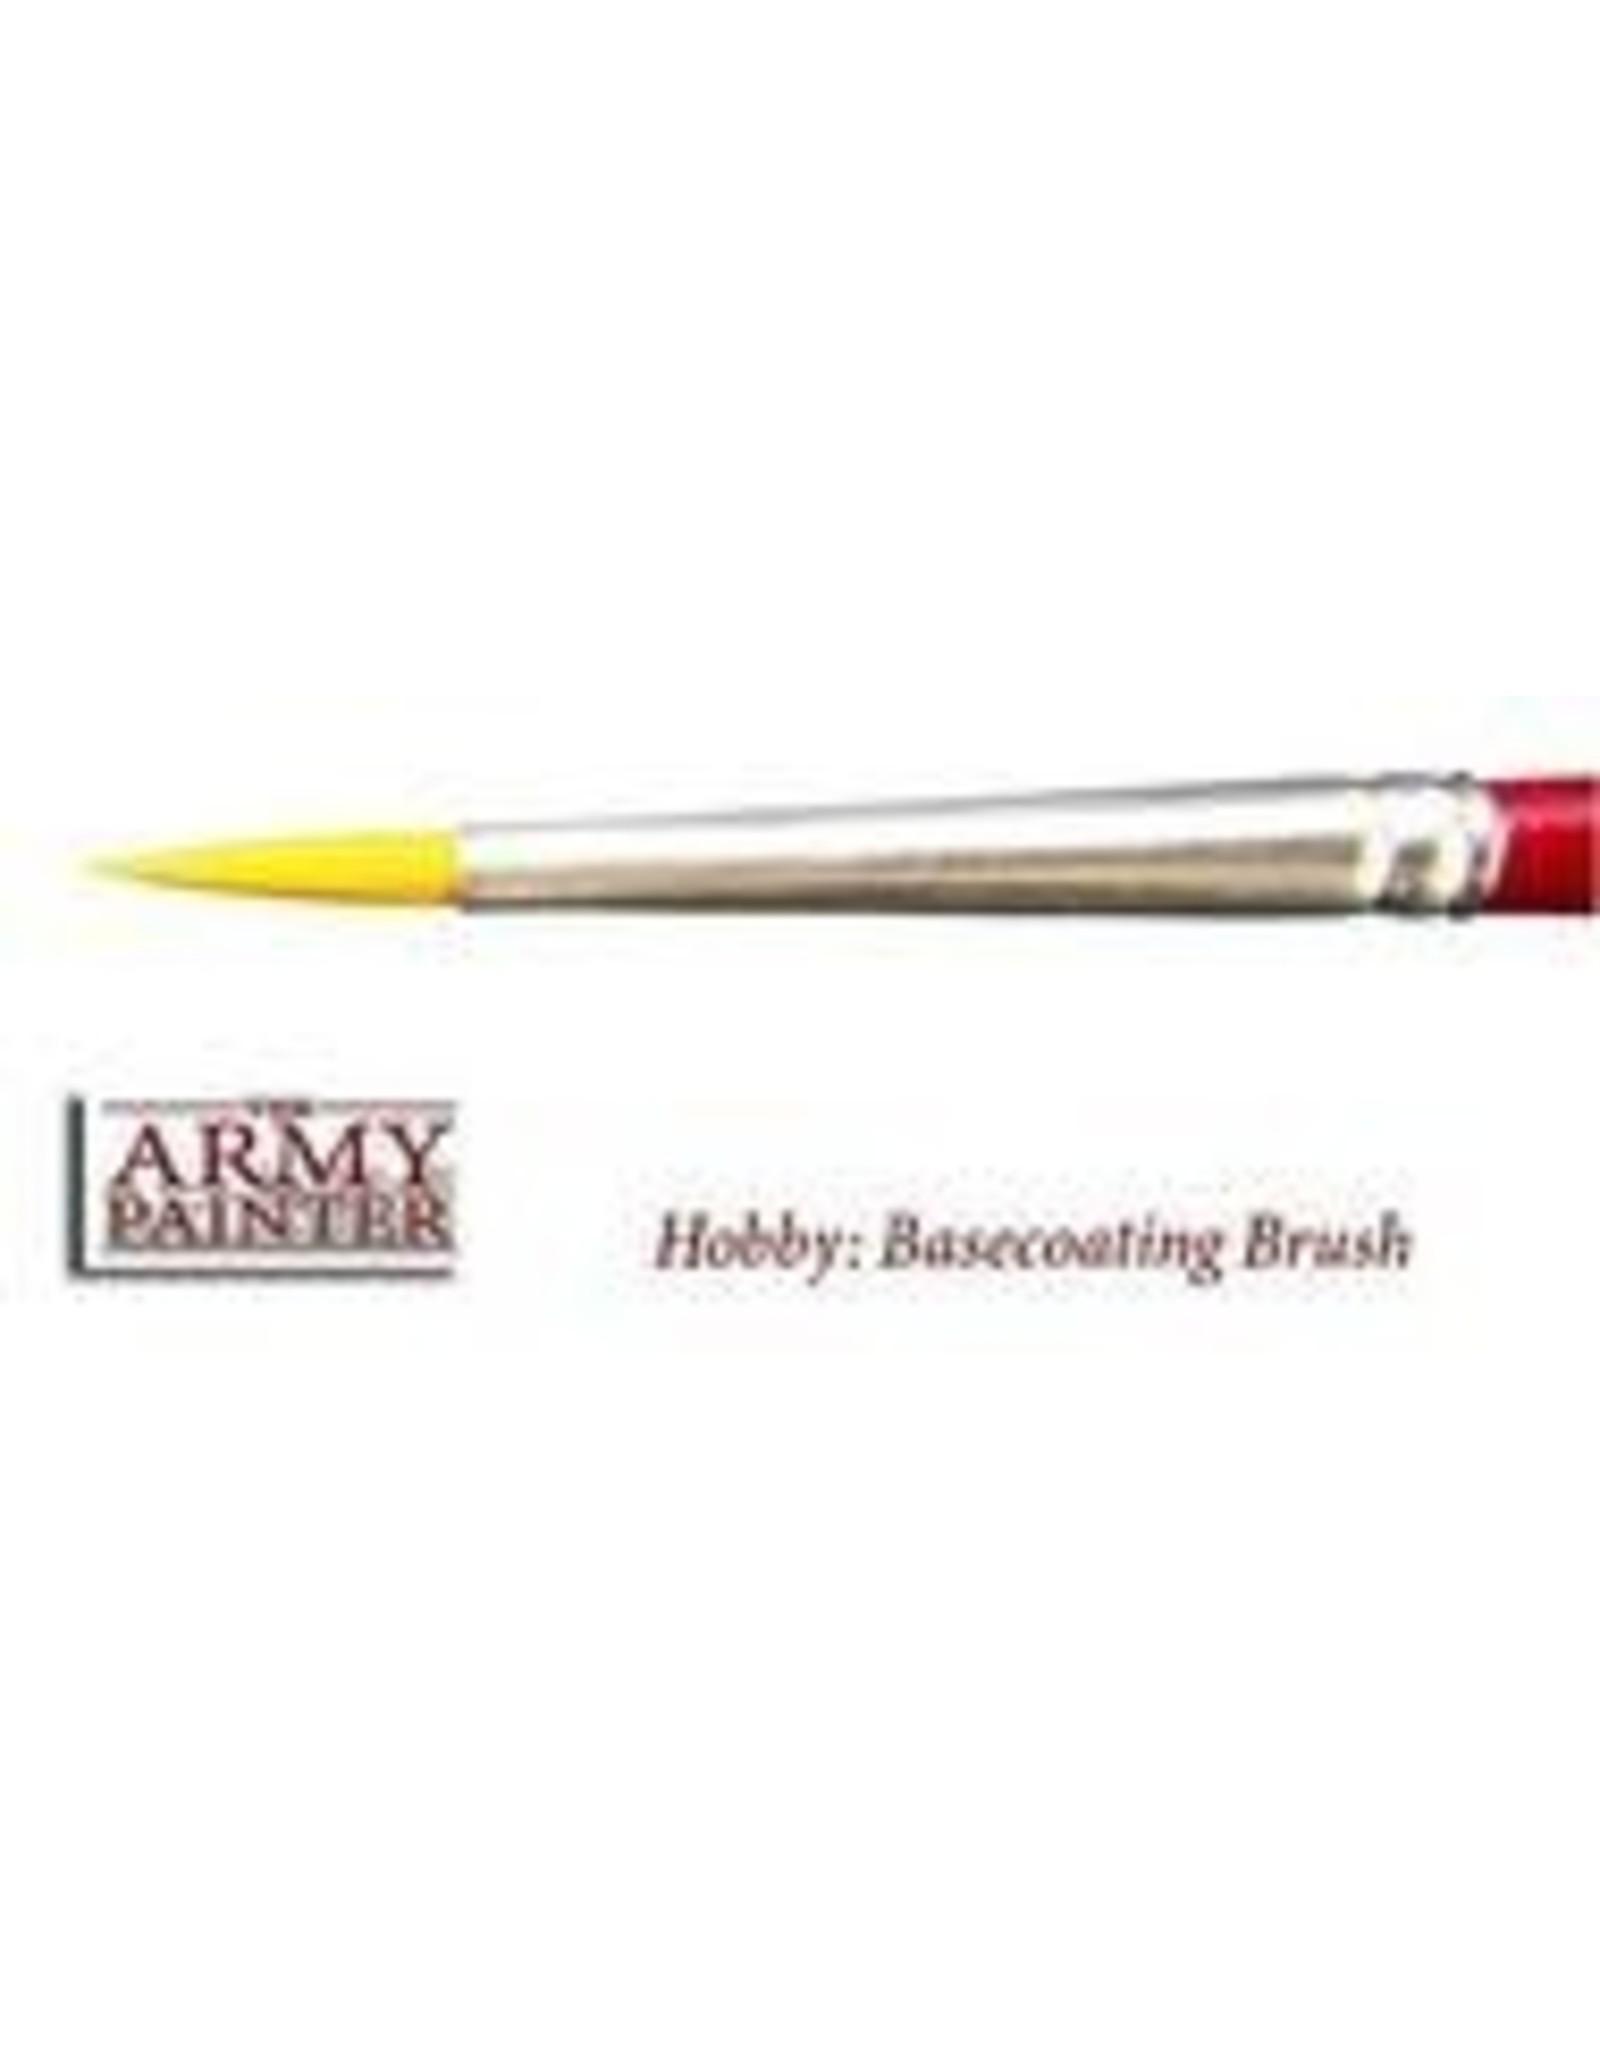 Army Painter Hobby Brush: Basecoating